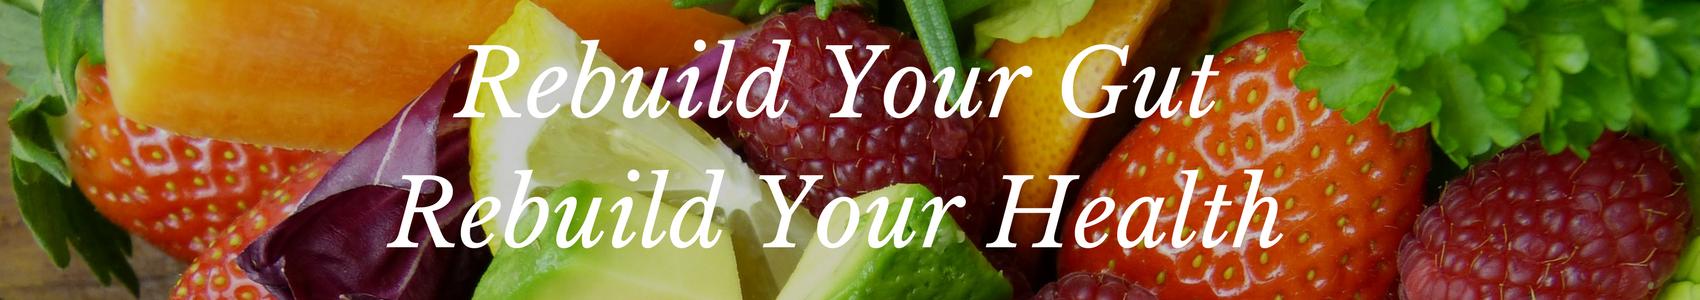 Restore Your Gut in 8 Weeks